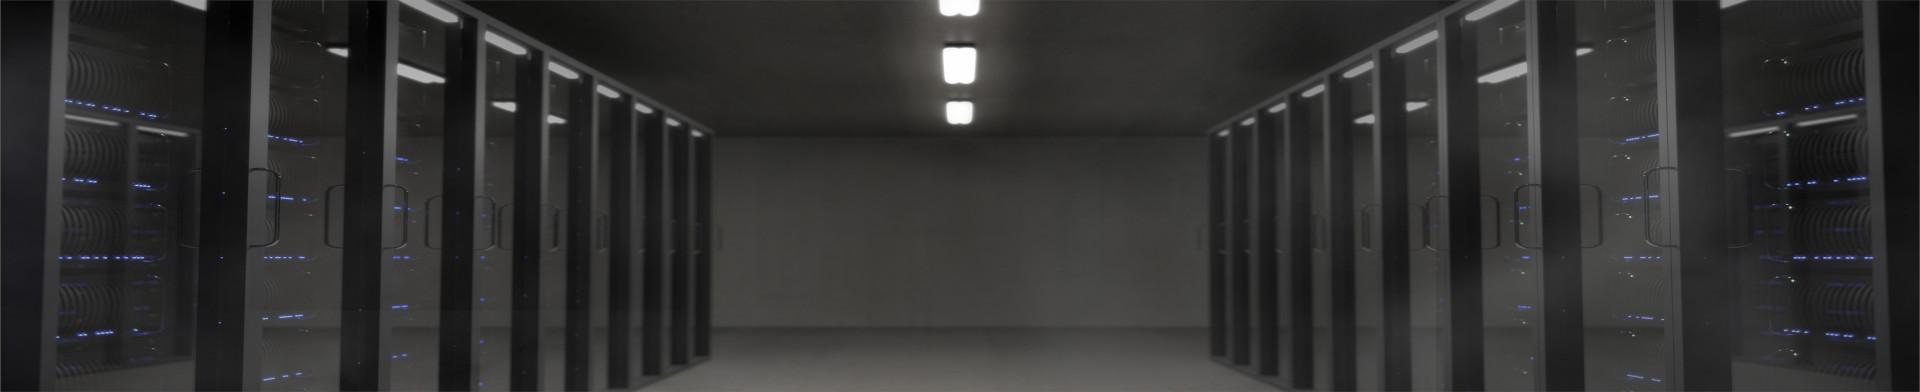 Database Administrator Banner